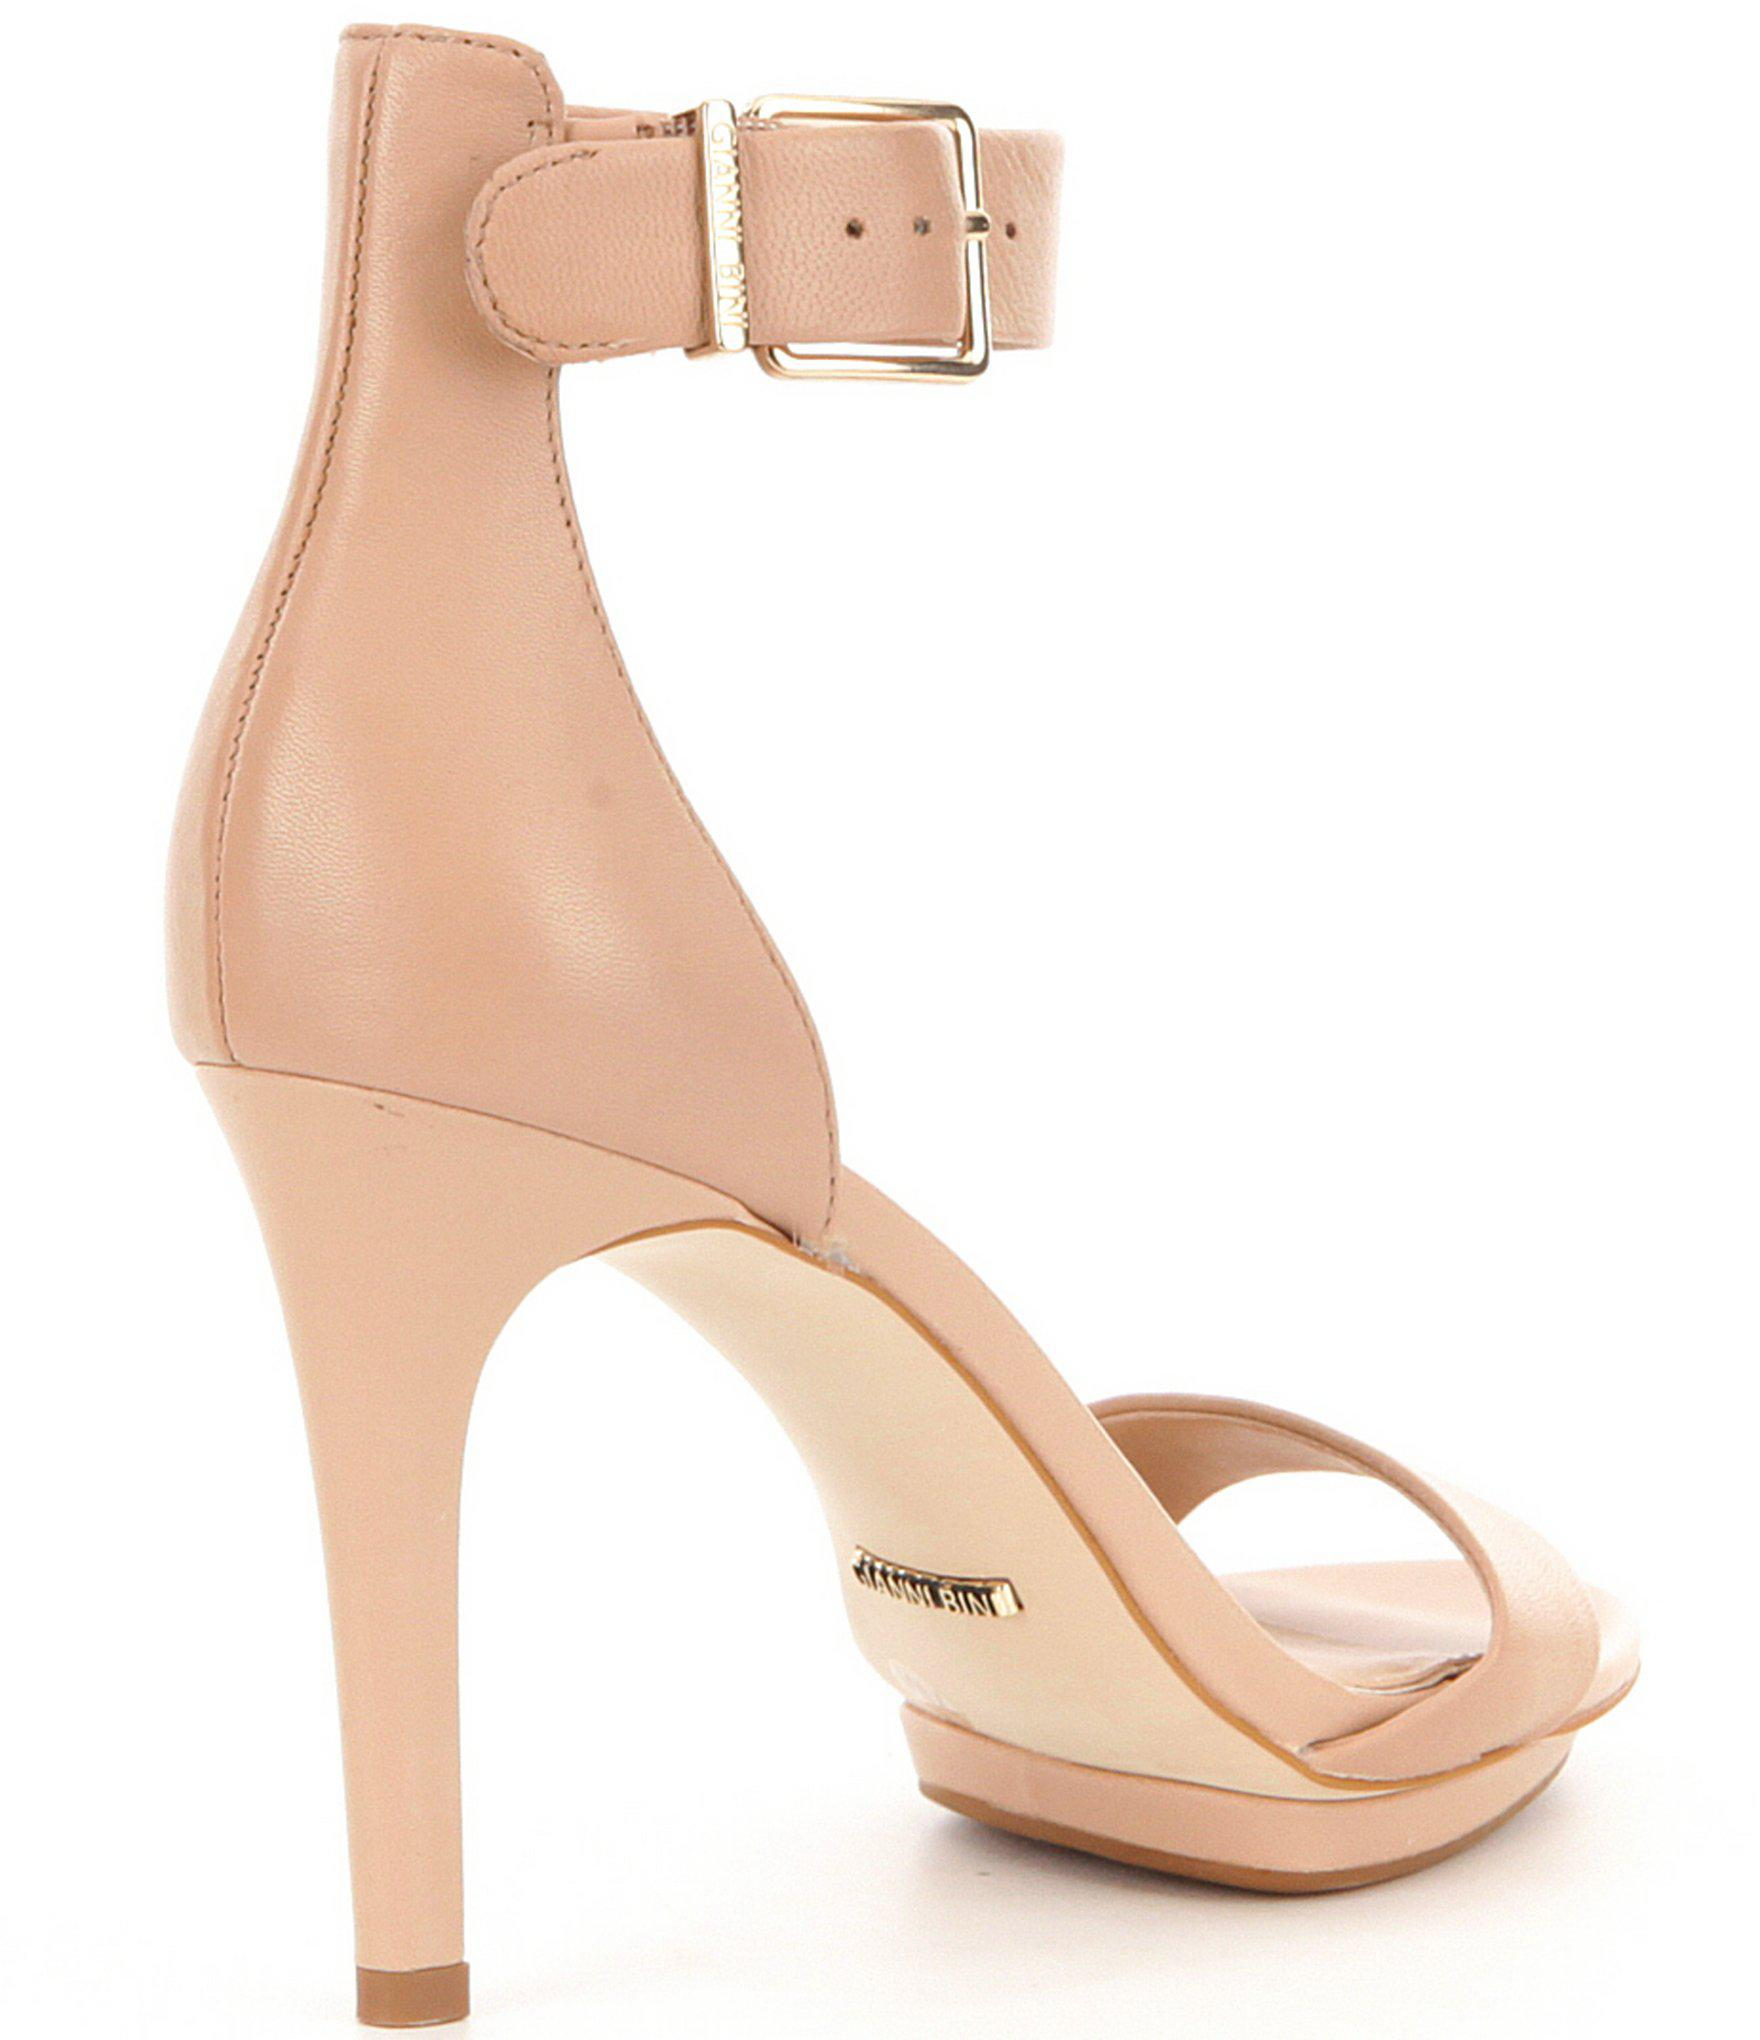 884b1d2f7aa Gianni Bini - Pink Lizette Dress Sandals - Lyst. View fullscreen